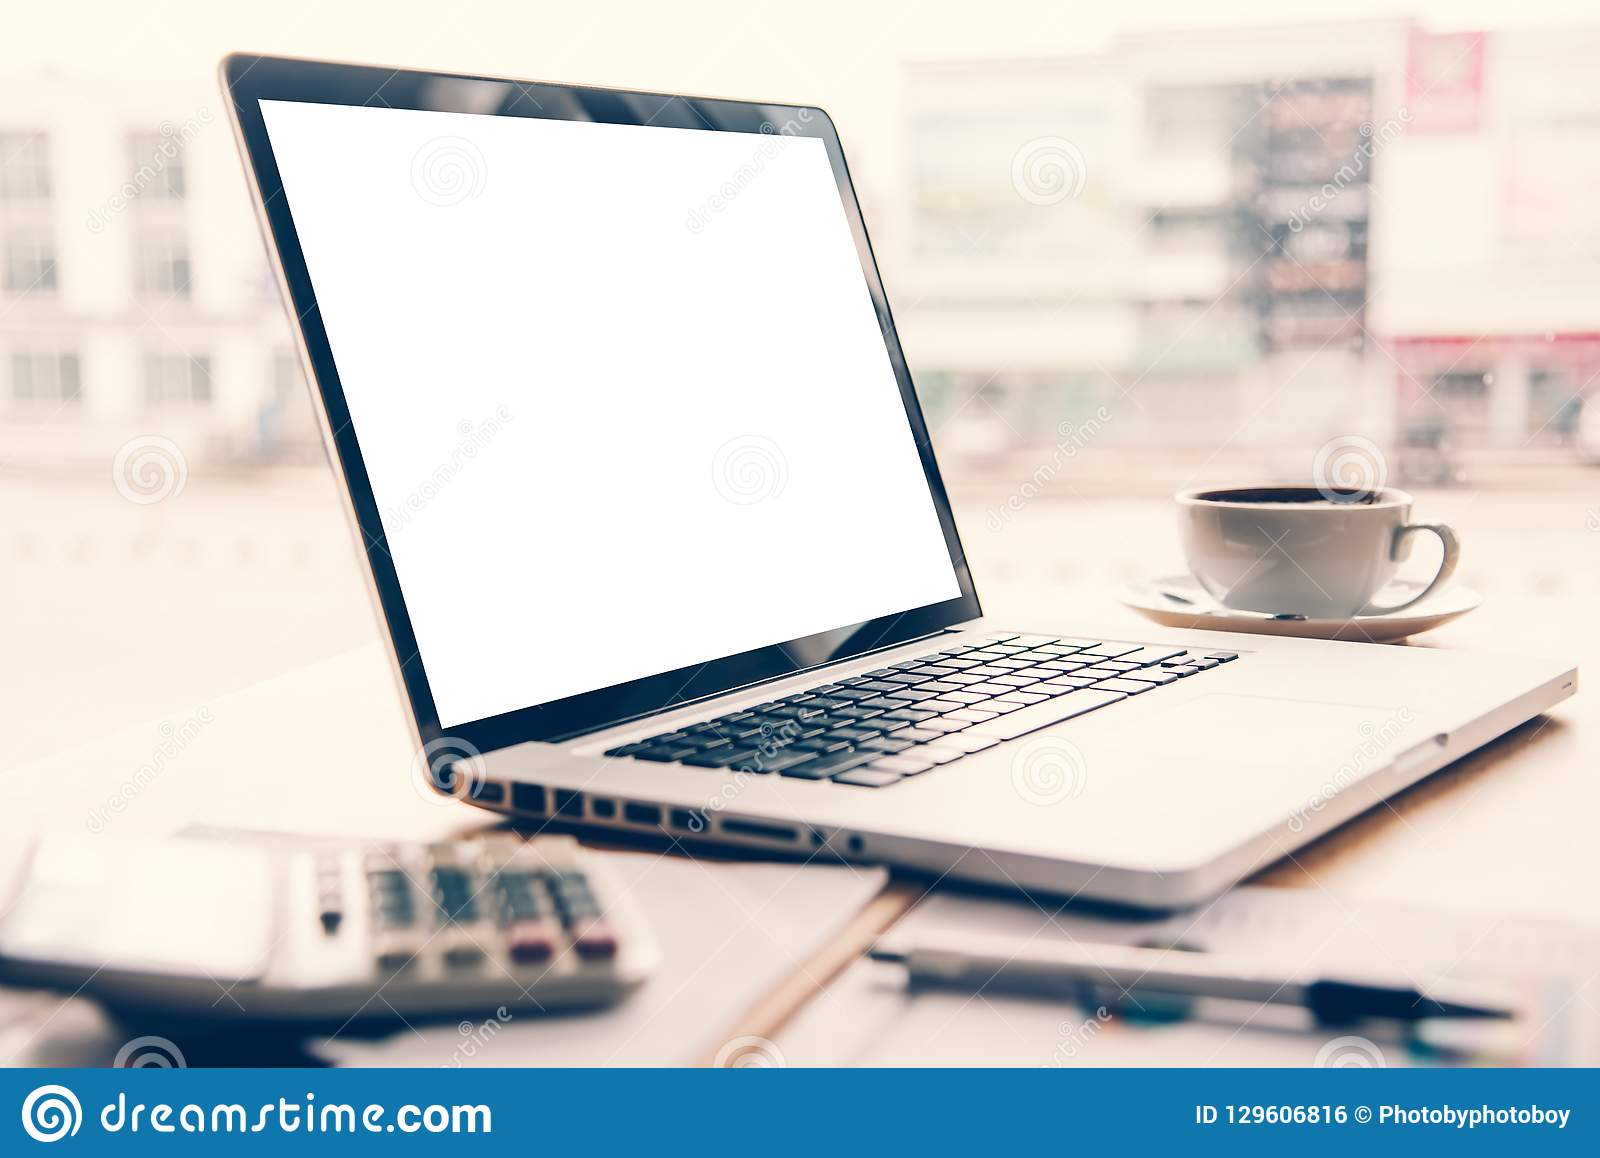 Il computer portatile è disposto su uno scrittorio con un calcolatore del caffè e della penna